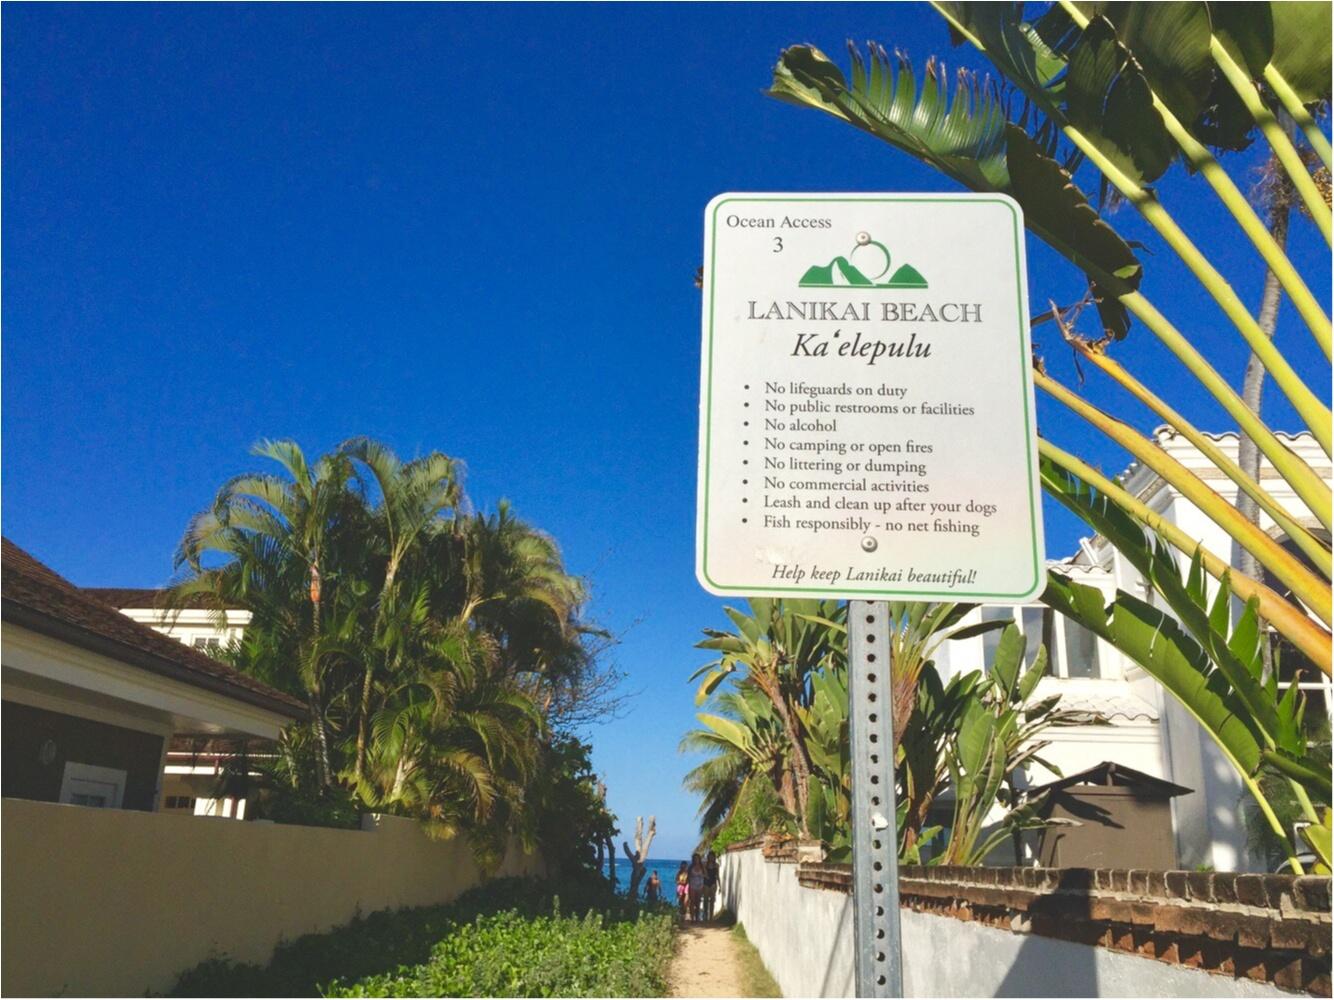 【TRIP】ワイキキビーチだけじゃない♡ハワイで行きたいまったりビーチはここがおすすめ♡_6